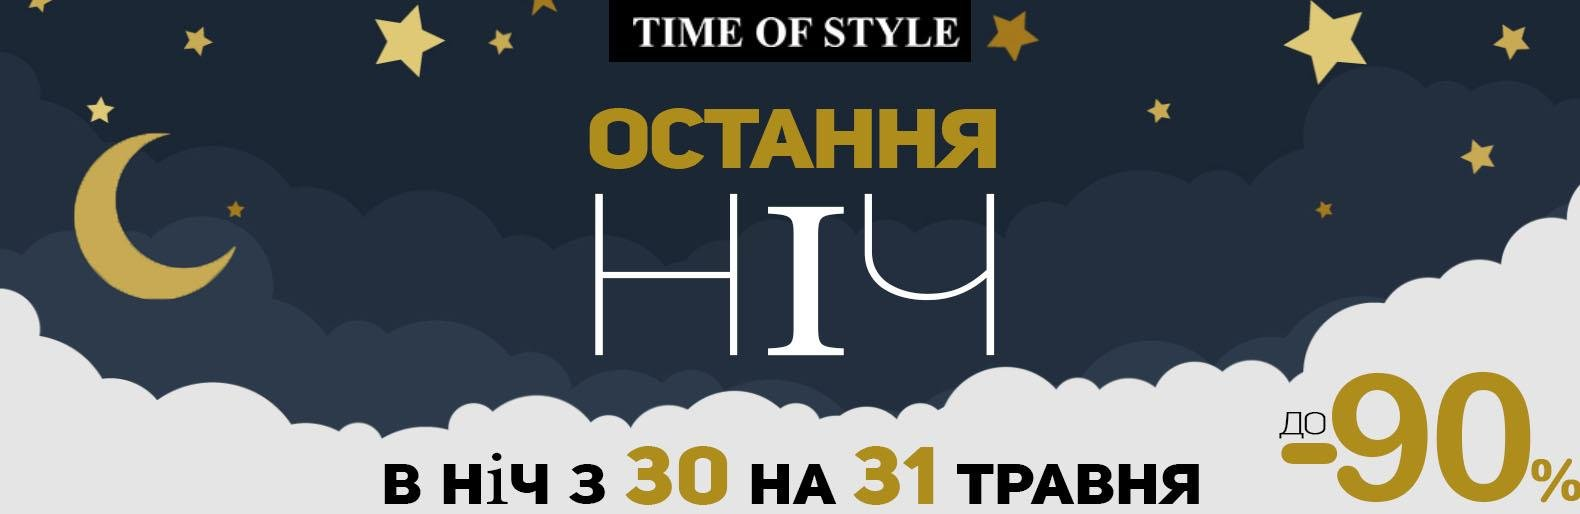 57800a1c3ab033 Остання ніч - остання ціна: знижки на одяг до -90% - 0312.ua